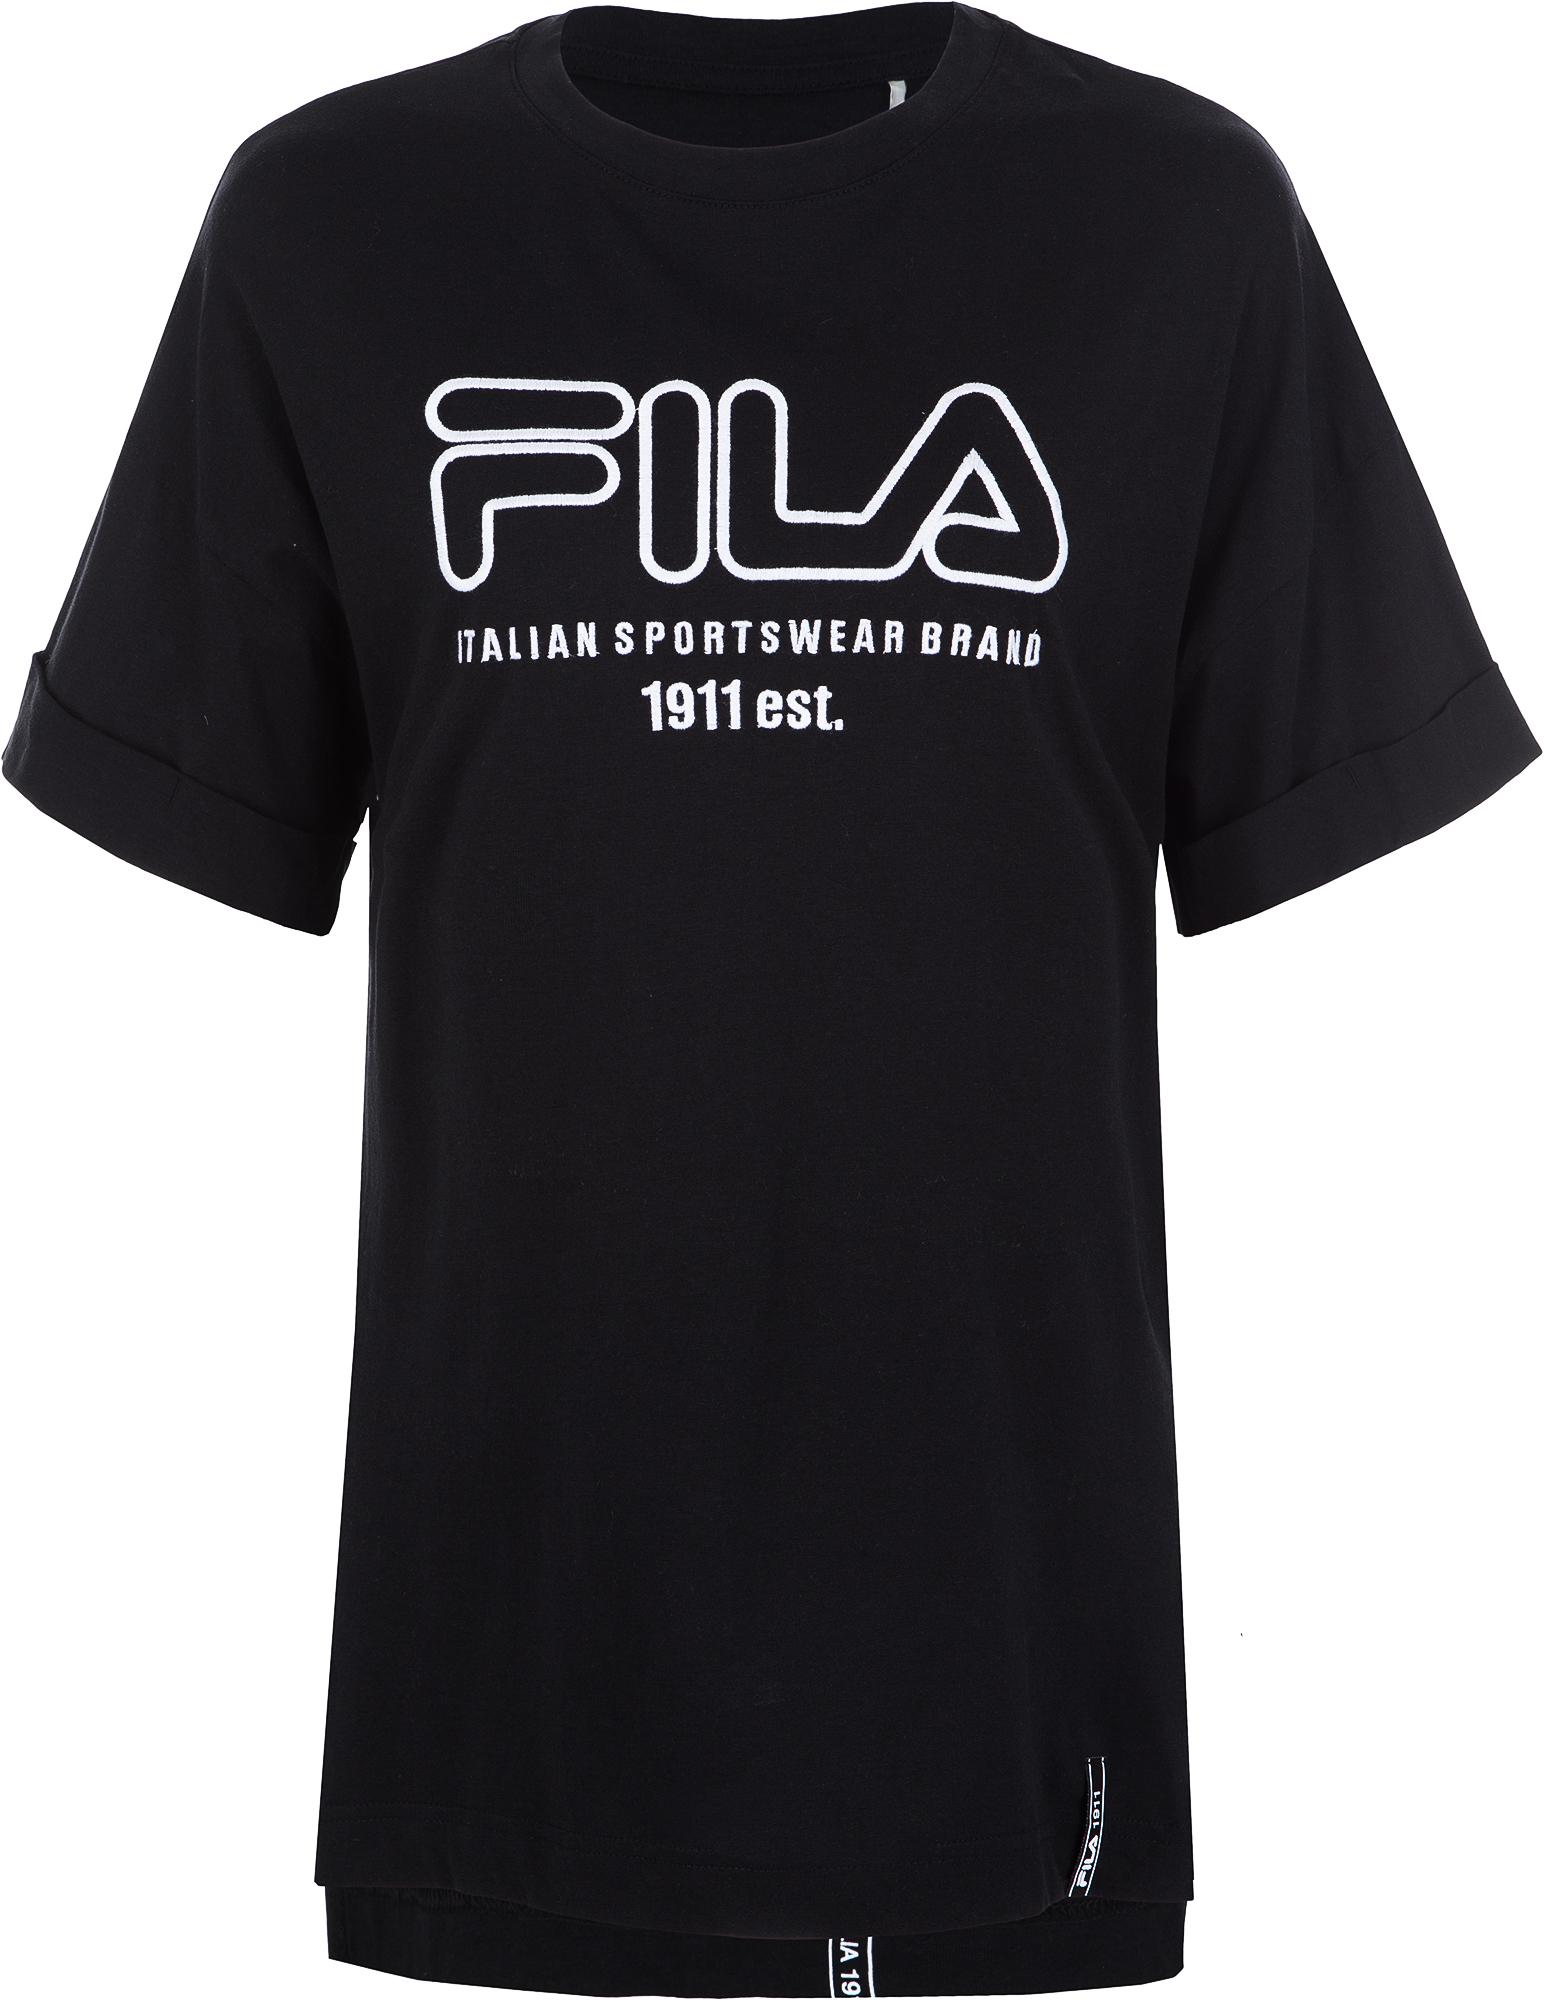 Fila Футболка женская Fila, размер 46 fila футболка с длинным рукавом женская fila размер 52